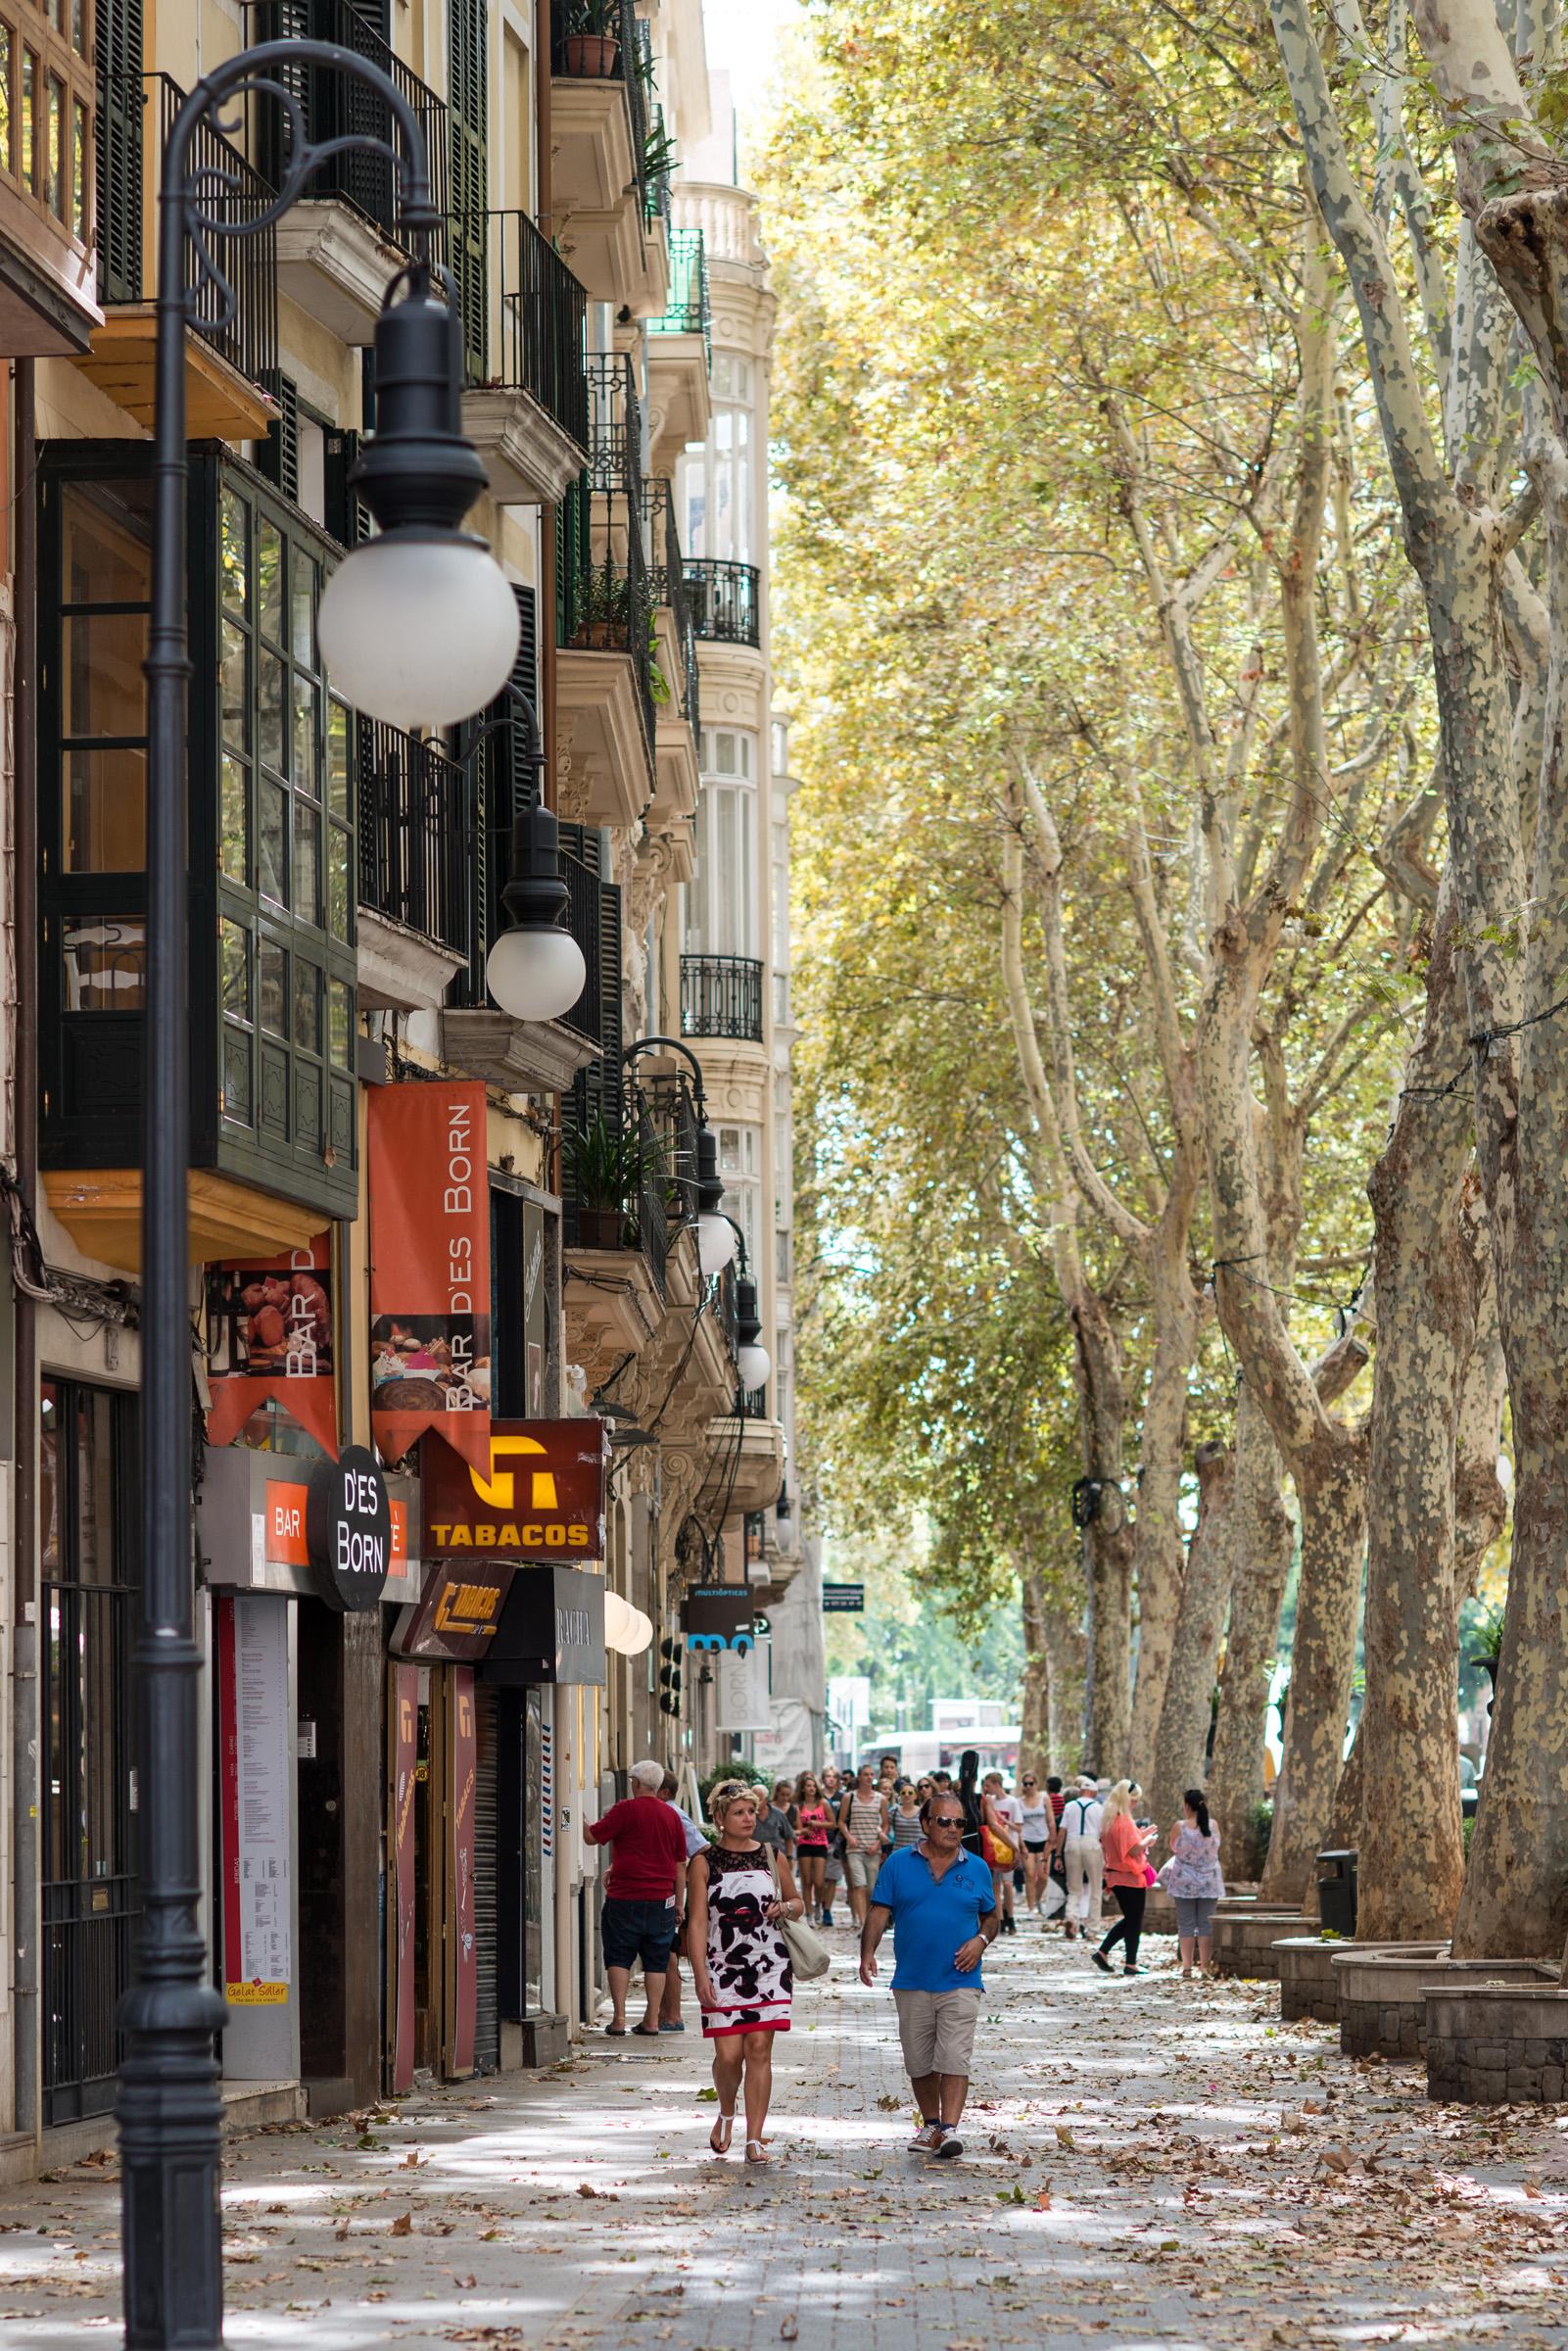 20151005 2748 - Palma de Mallorca